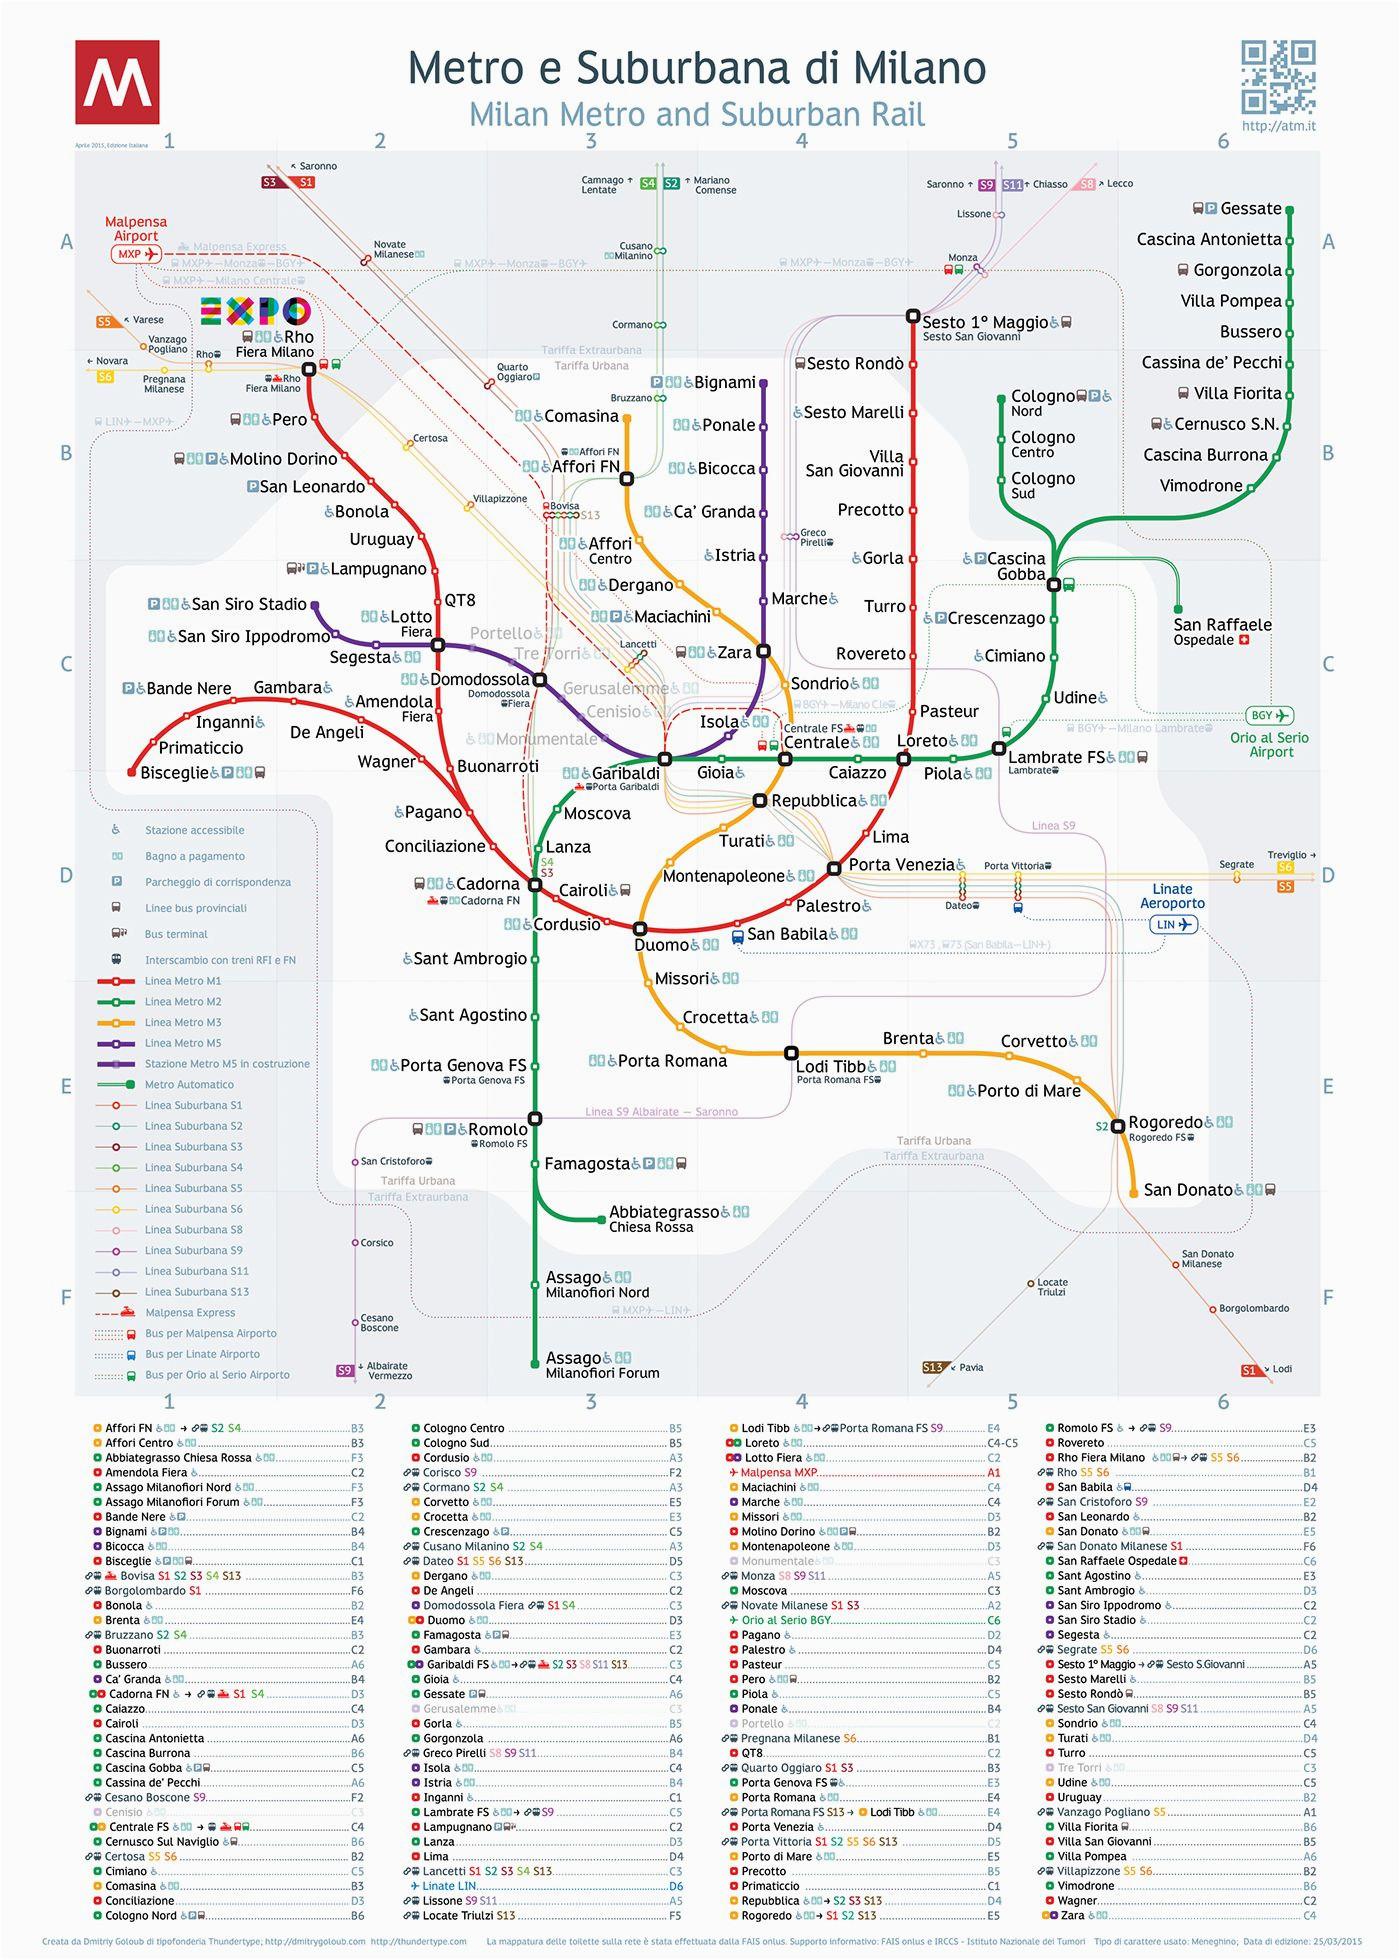 milan metro map transportation